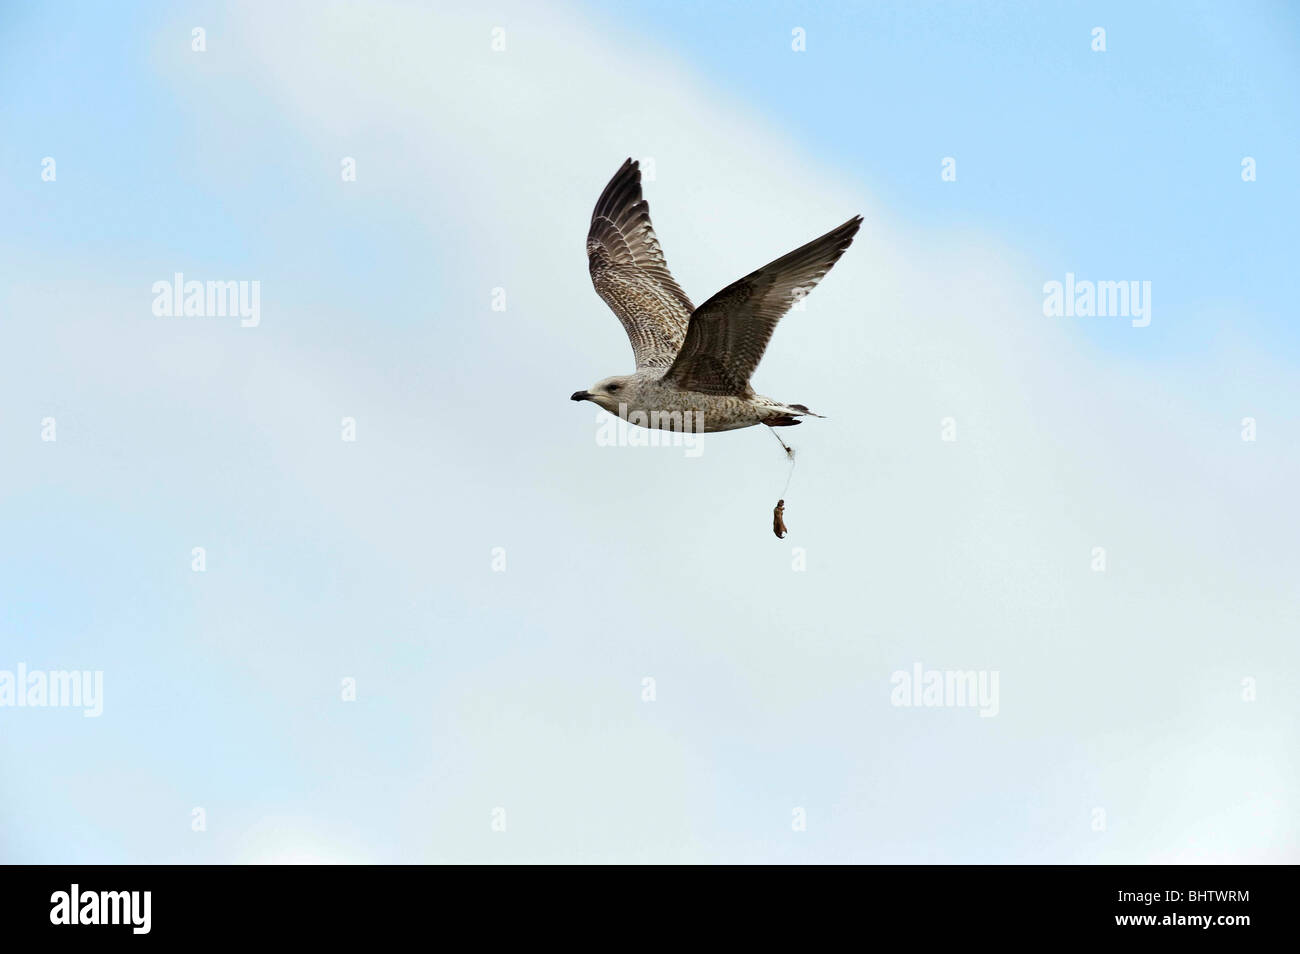 Conservazione. La PROTEZIONE DEGLI UCCELLI. Minacce per la vita degli uccelli. Pesca sportiva. La pesca. Pericolo Immagini Stock